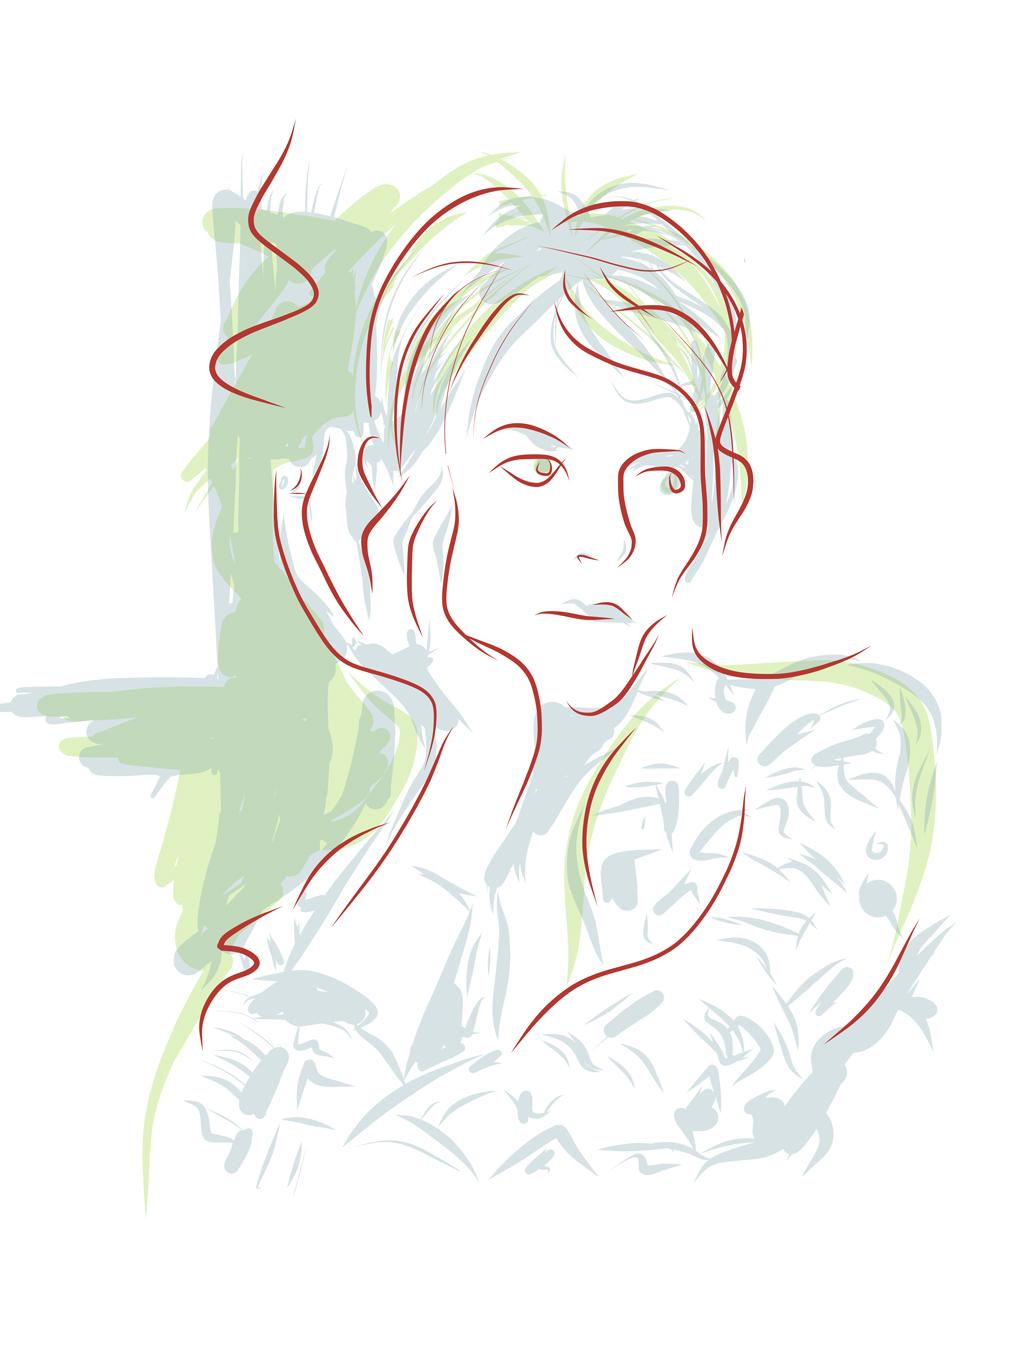 Illustration David Bowie Bernd Schimmelpfennig 2013